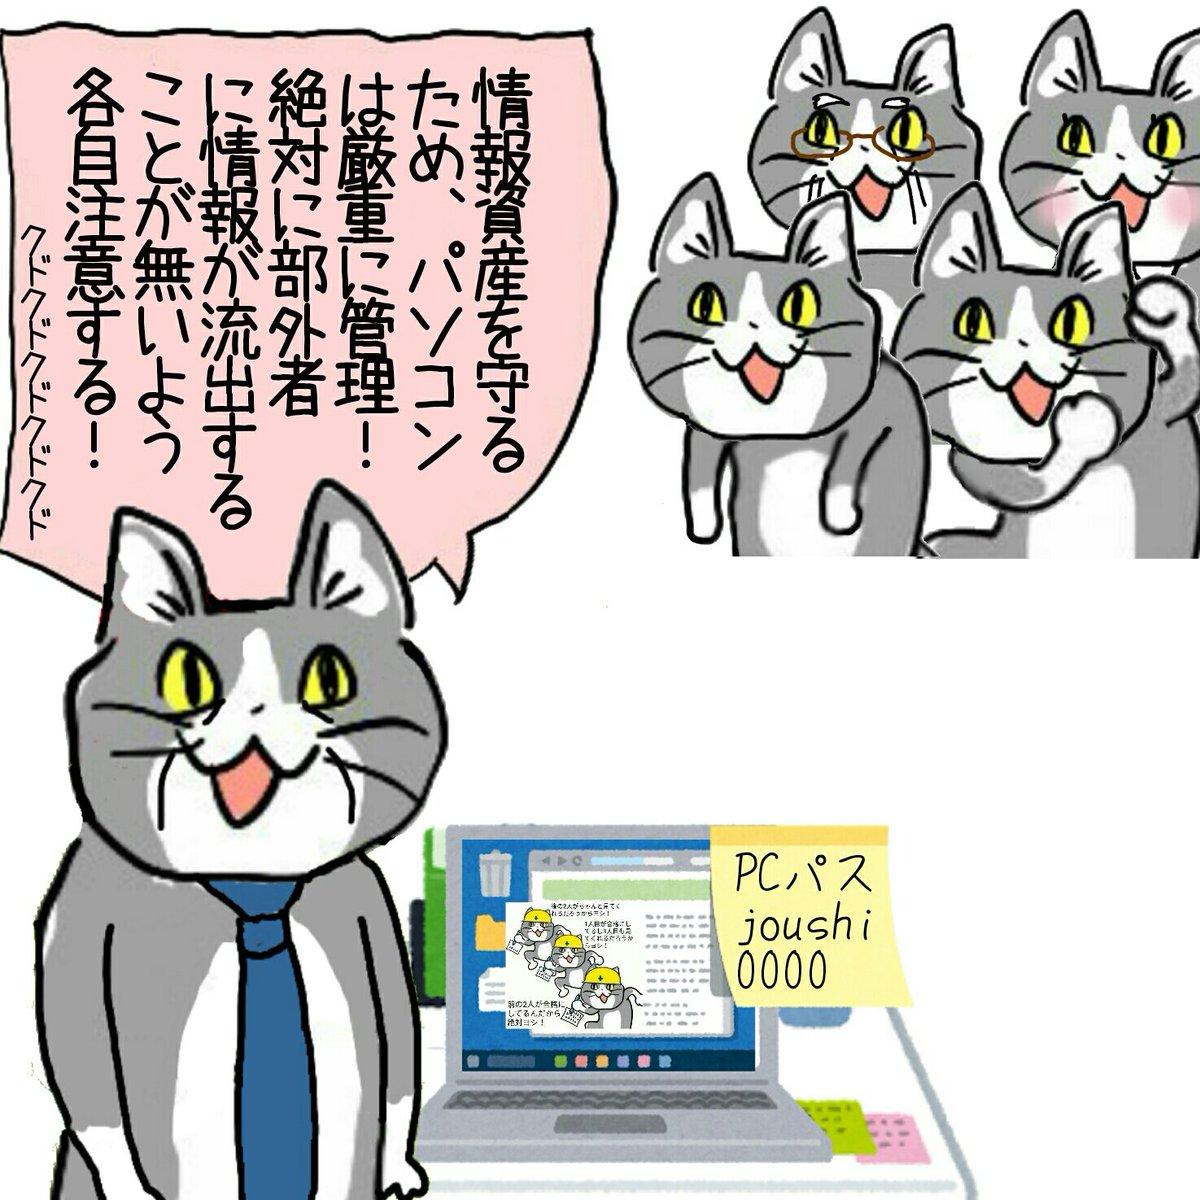 ガバガバセキュリティ #現場猫 #電話猫